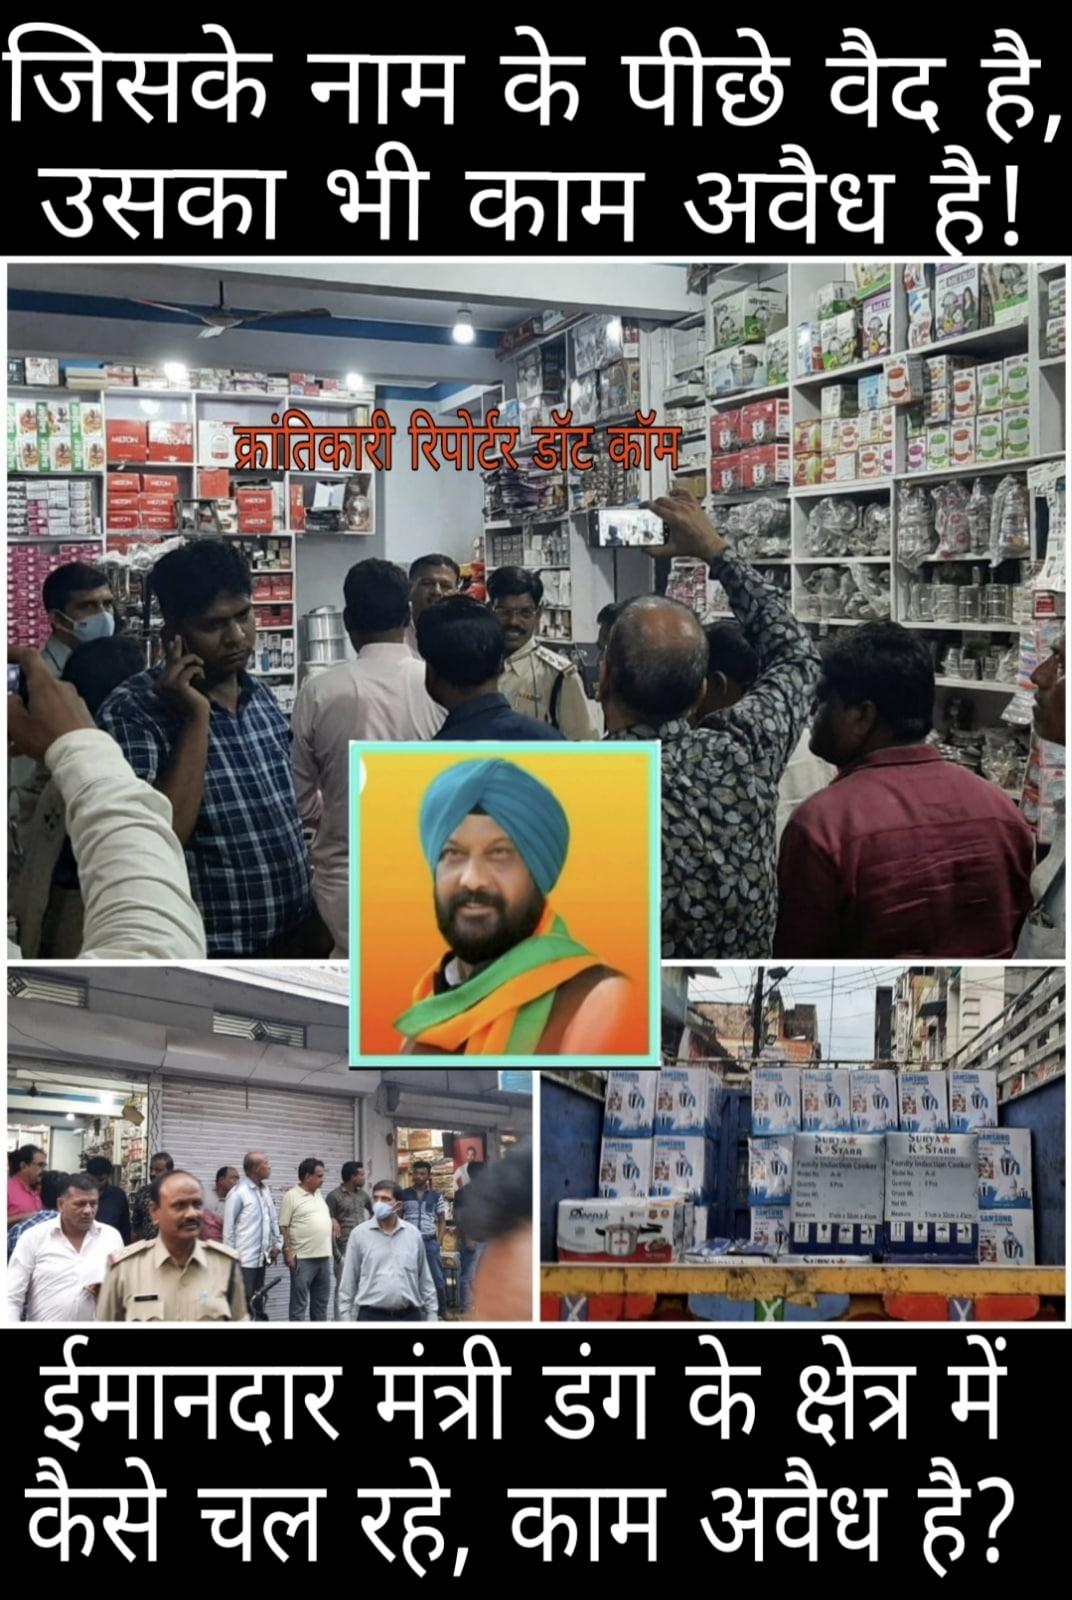 #शामगढ़ भाजपा जिला मंत्री वैद की दुकान पर अवैध नकली माल मिला... दबाव के बावजूद पुलिस ने 420 का प्रकरण दर्ज किया...।